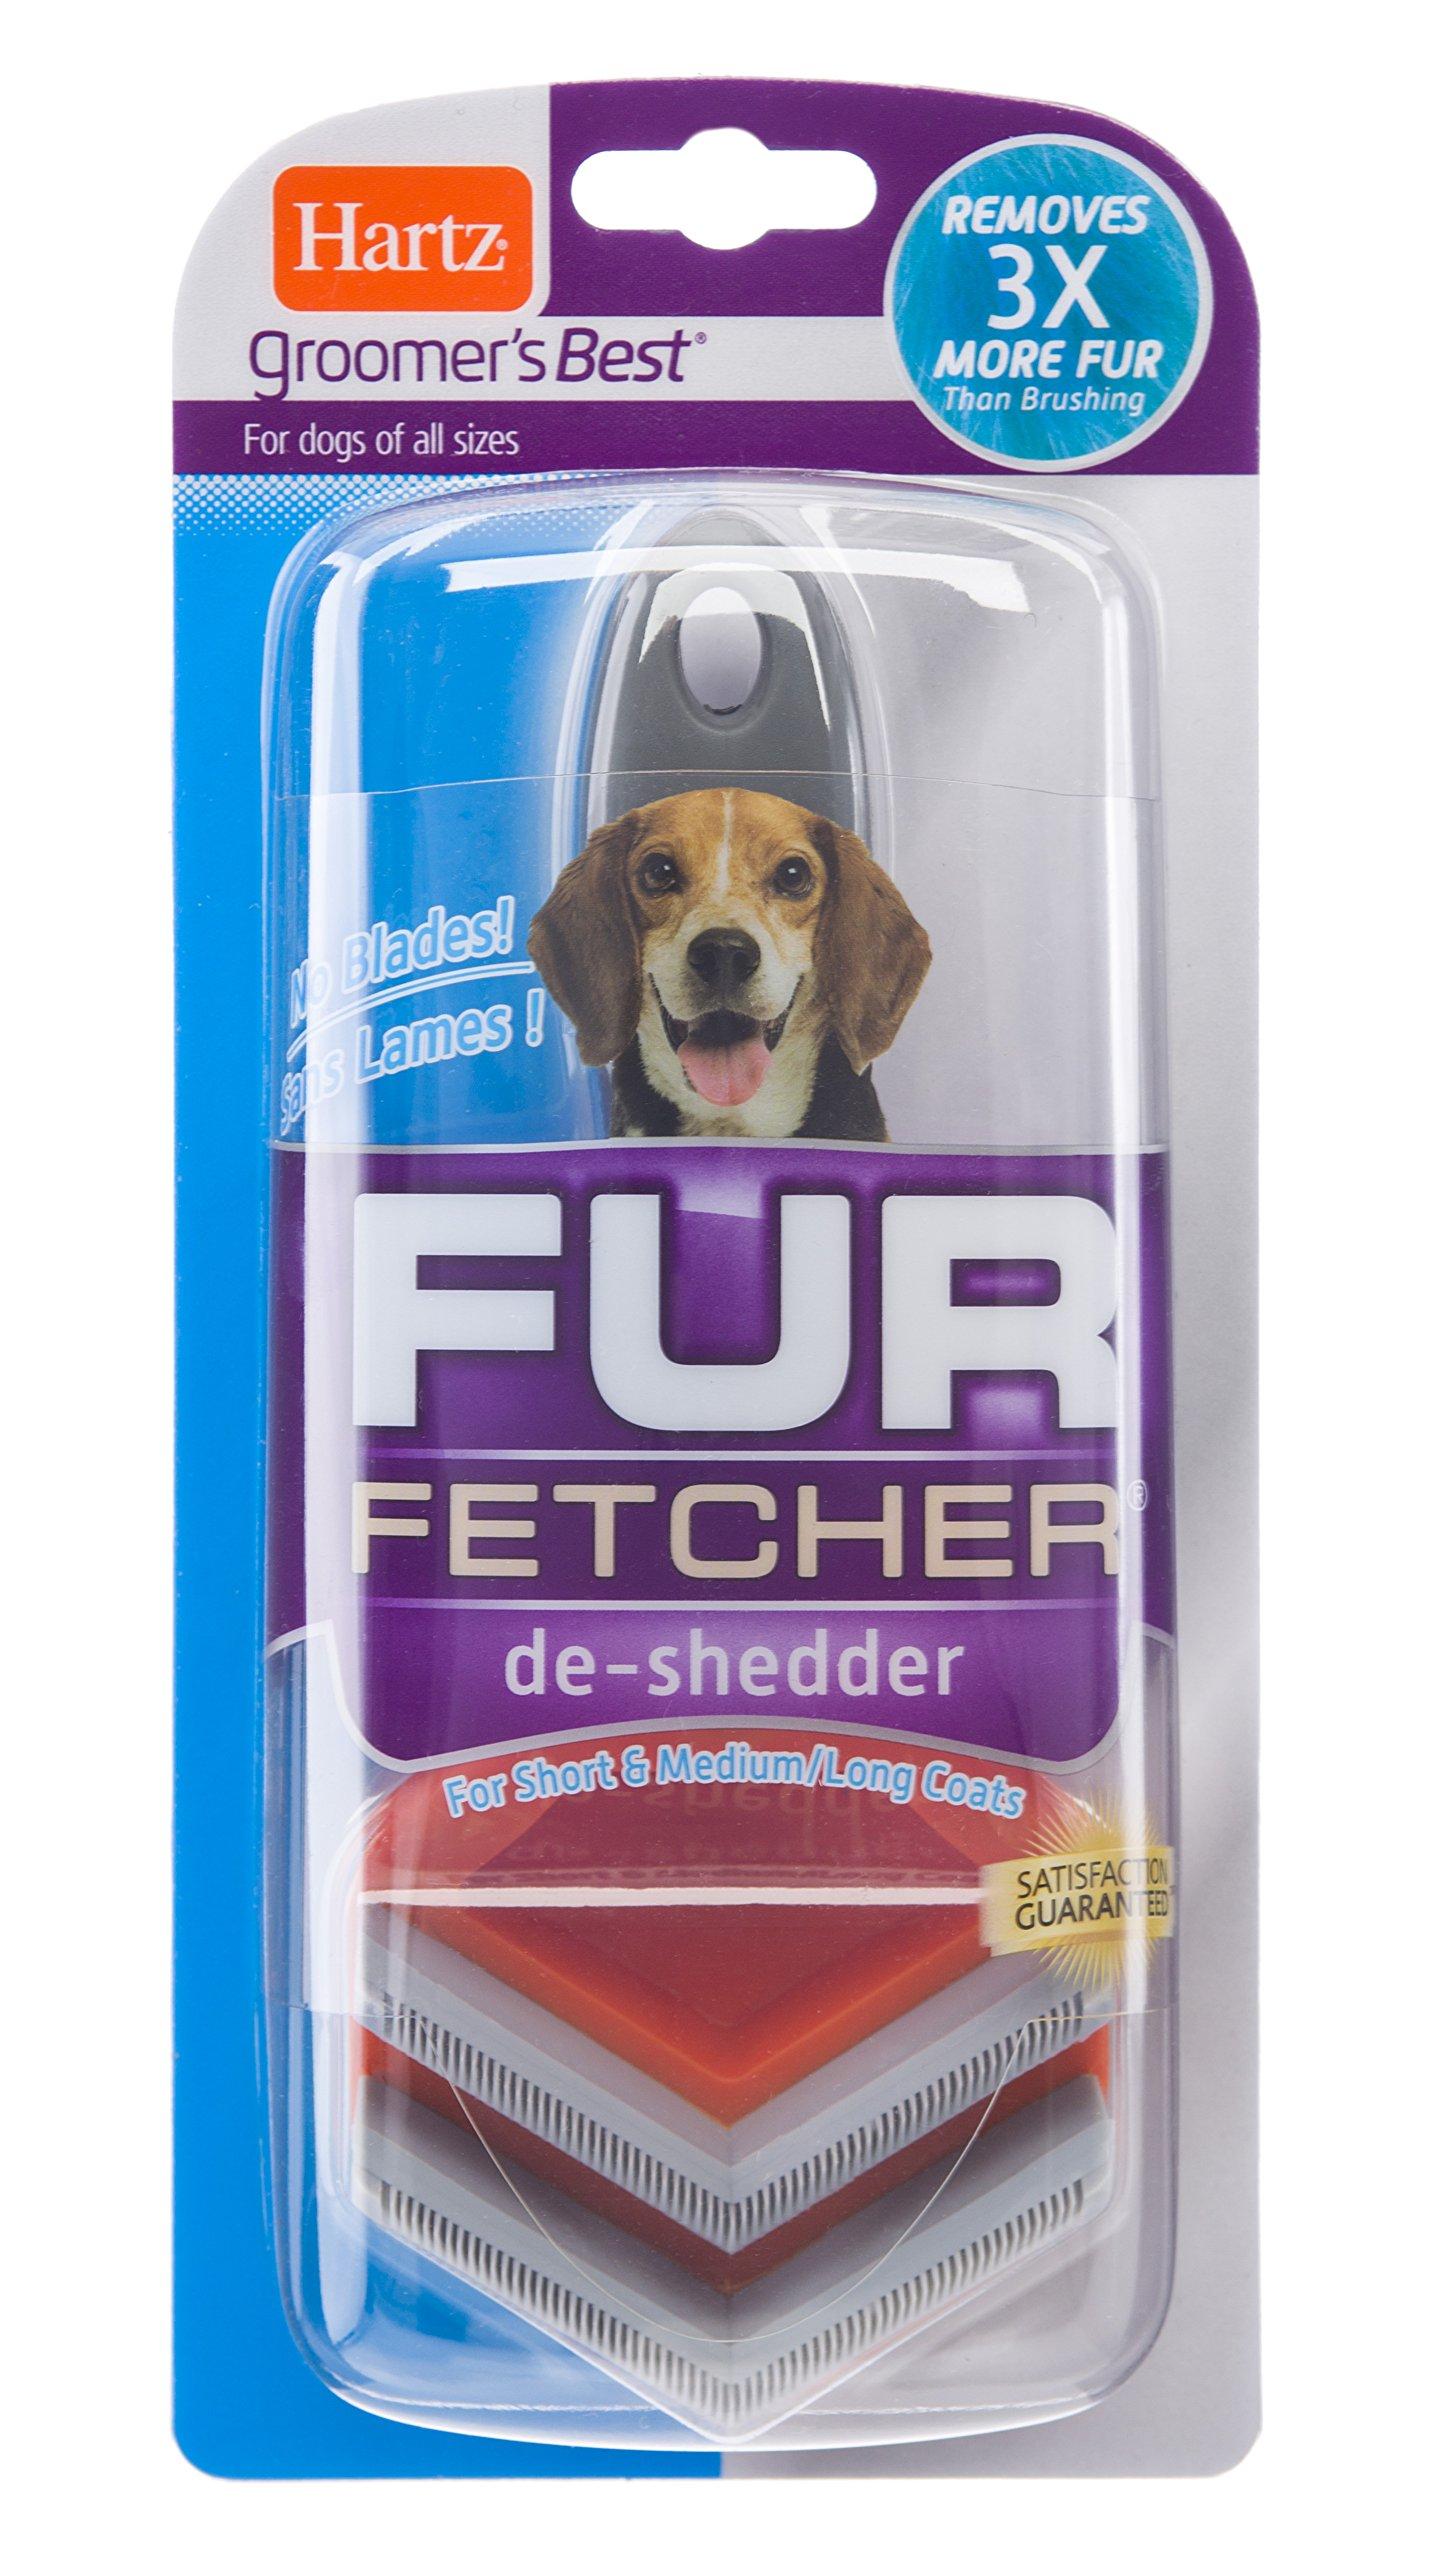 HARTZ Groomer's Best Fur Fetcher Deshedding Tool for Dogs